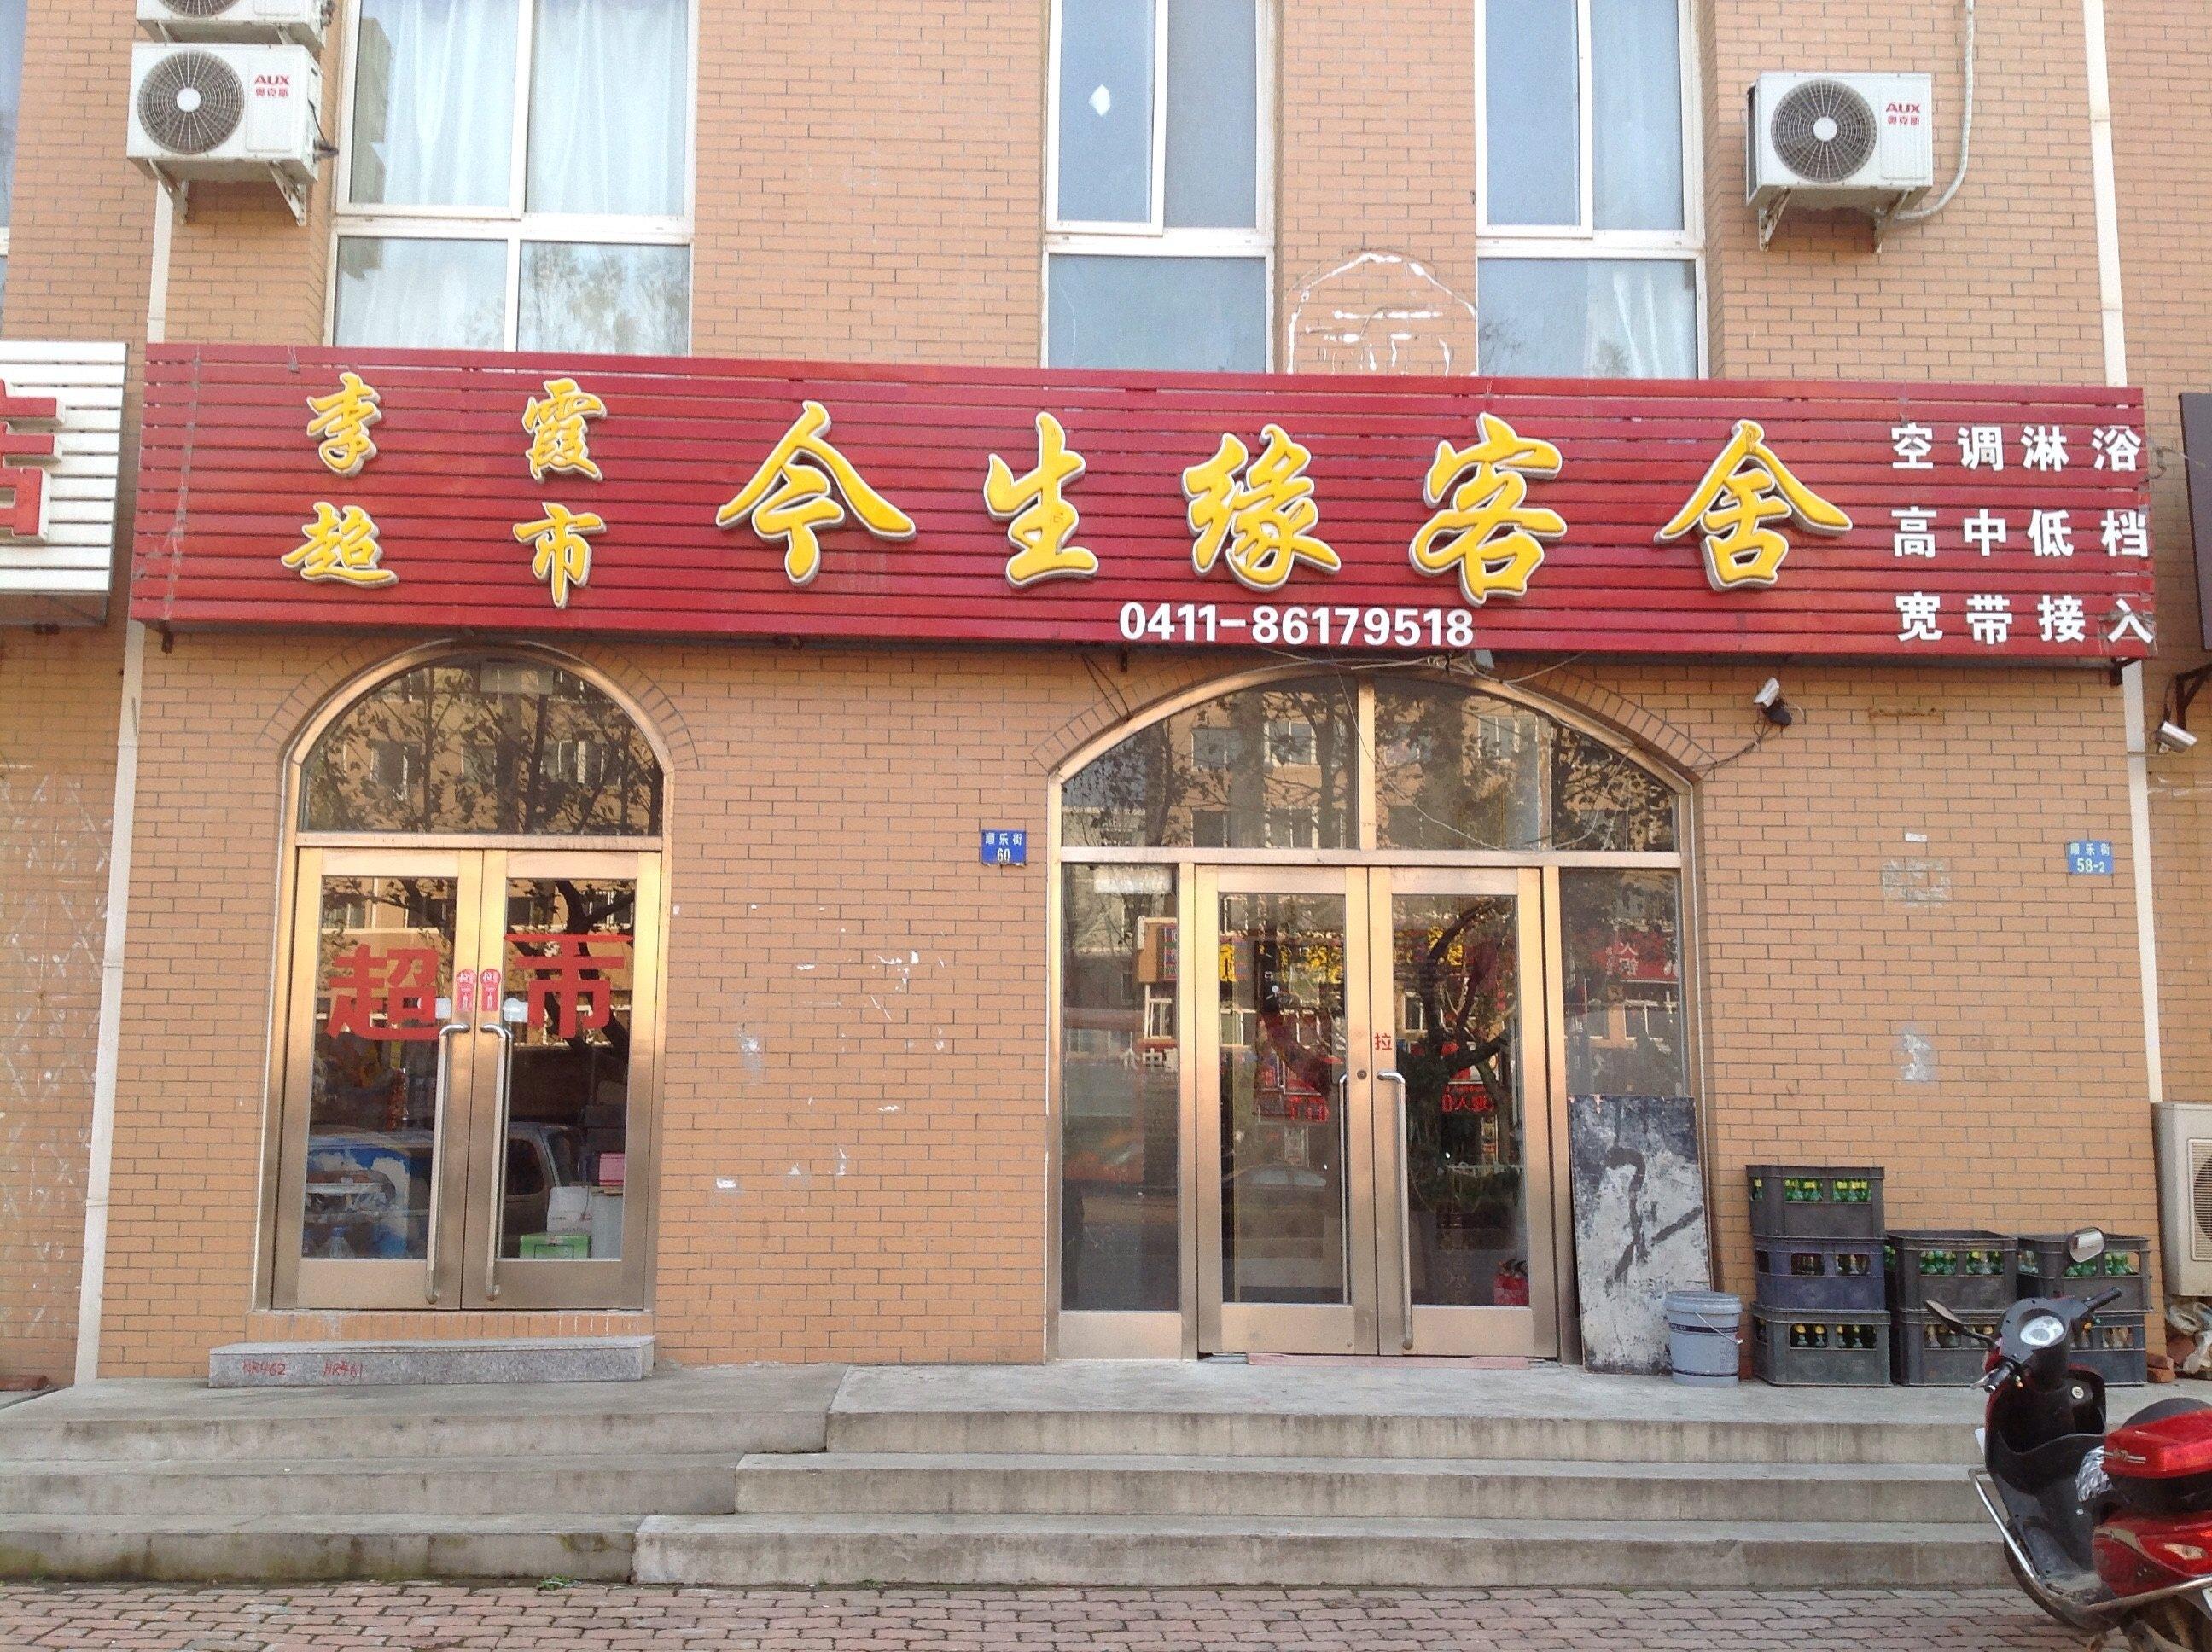 【携程攻略】大连祥和美食城,大连祥和美食城美食街衡阳的图片